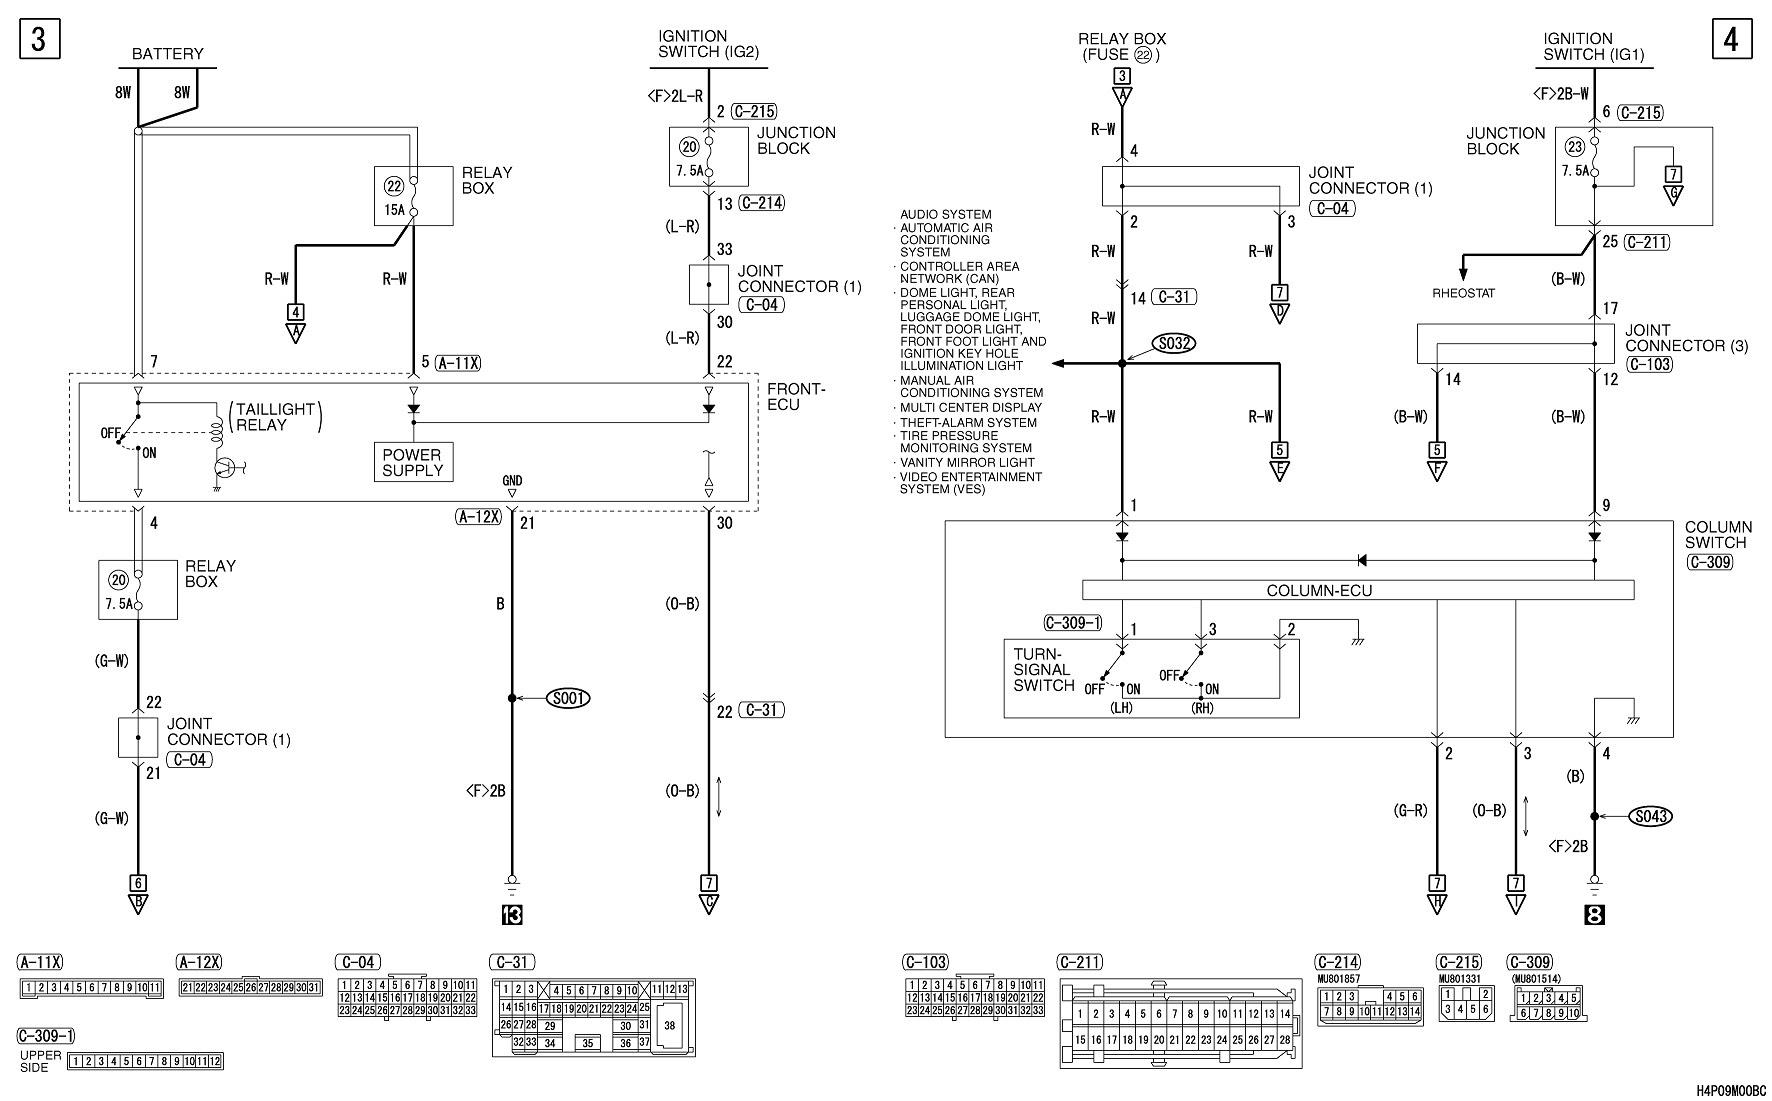 Diagram Diagram Of 1998 Mitsubishi Montero Fuse Box Full Version Hd Quality Fuse Box Diagramhoppec Informazionihotel It